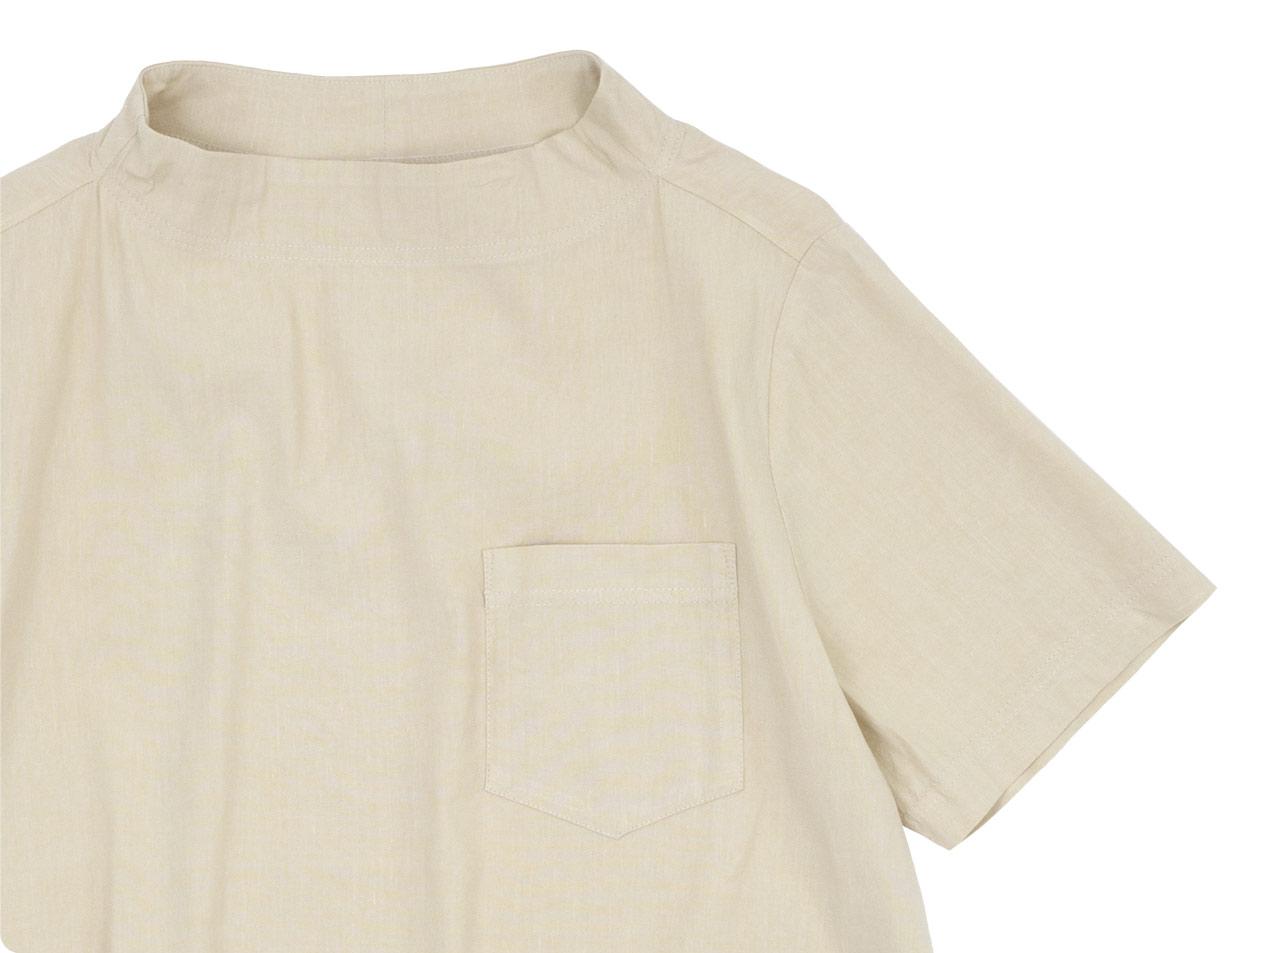 nisica ガンジープルオーバーシャツ 半袖